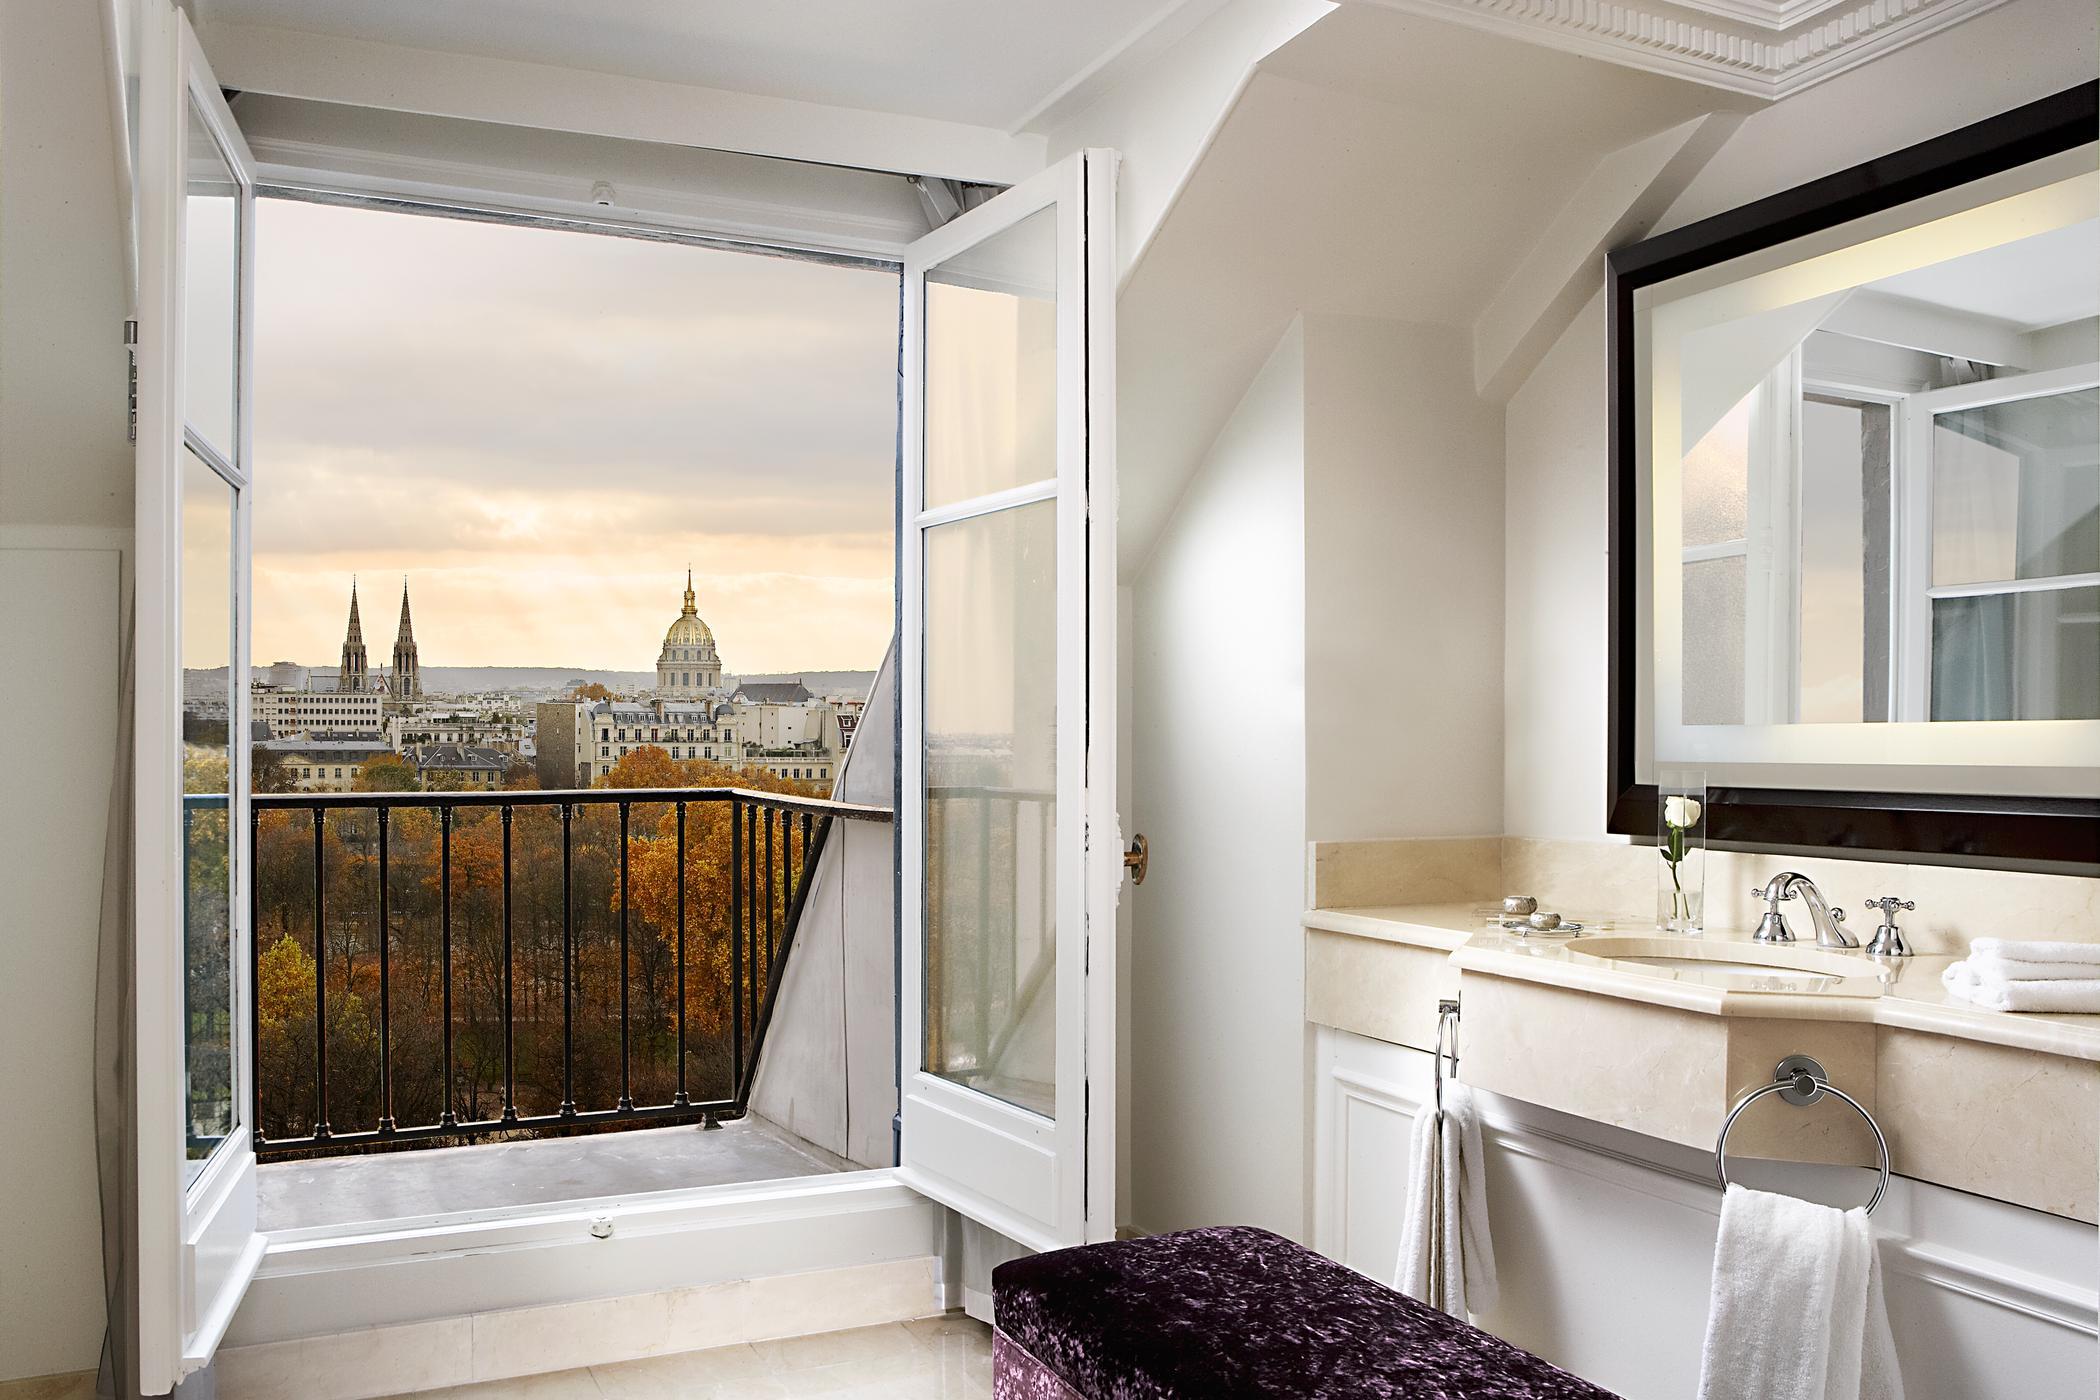 Отель the westin paris - vendome (париж), ванная комната.